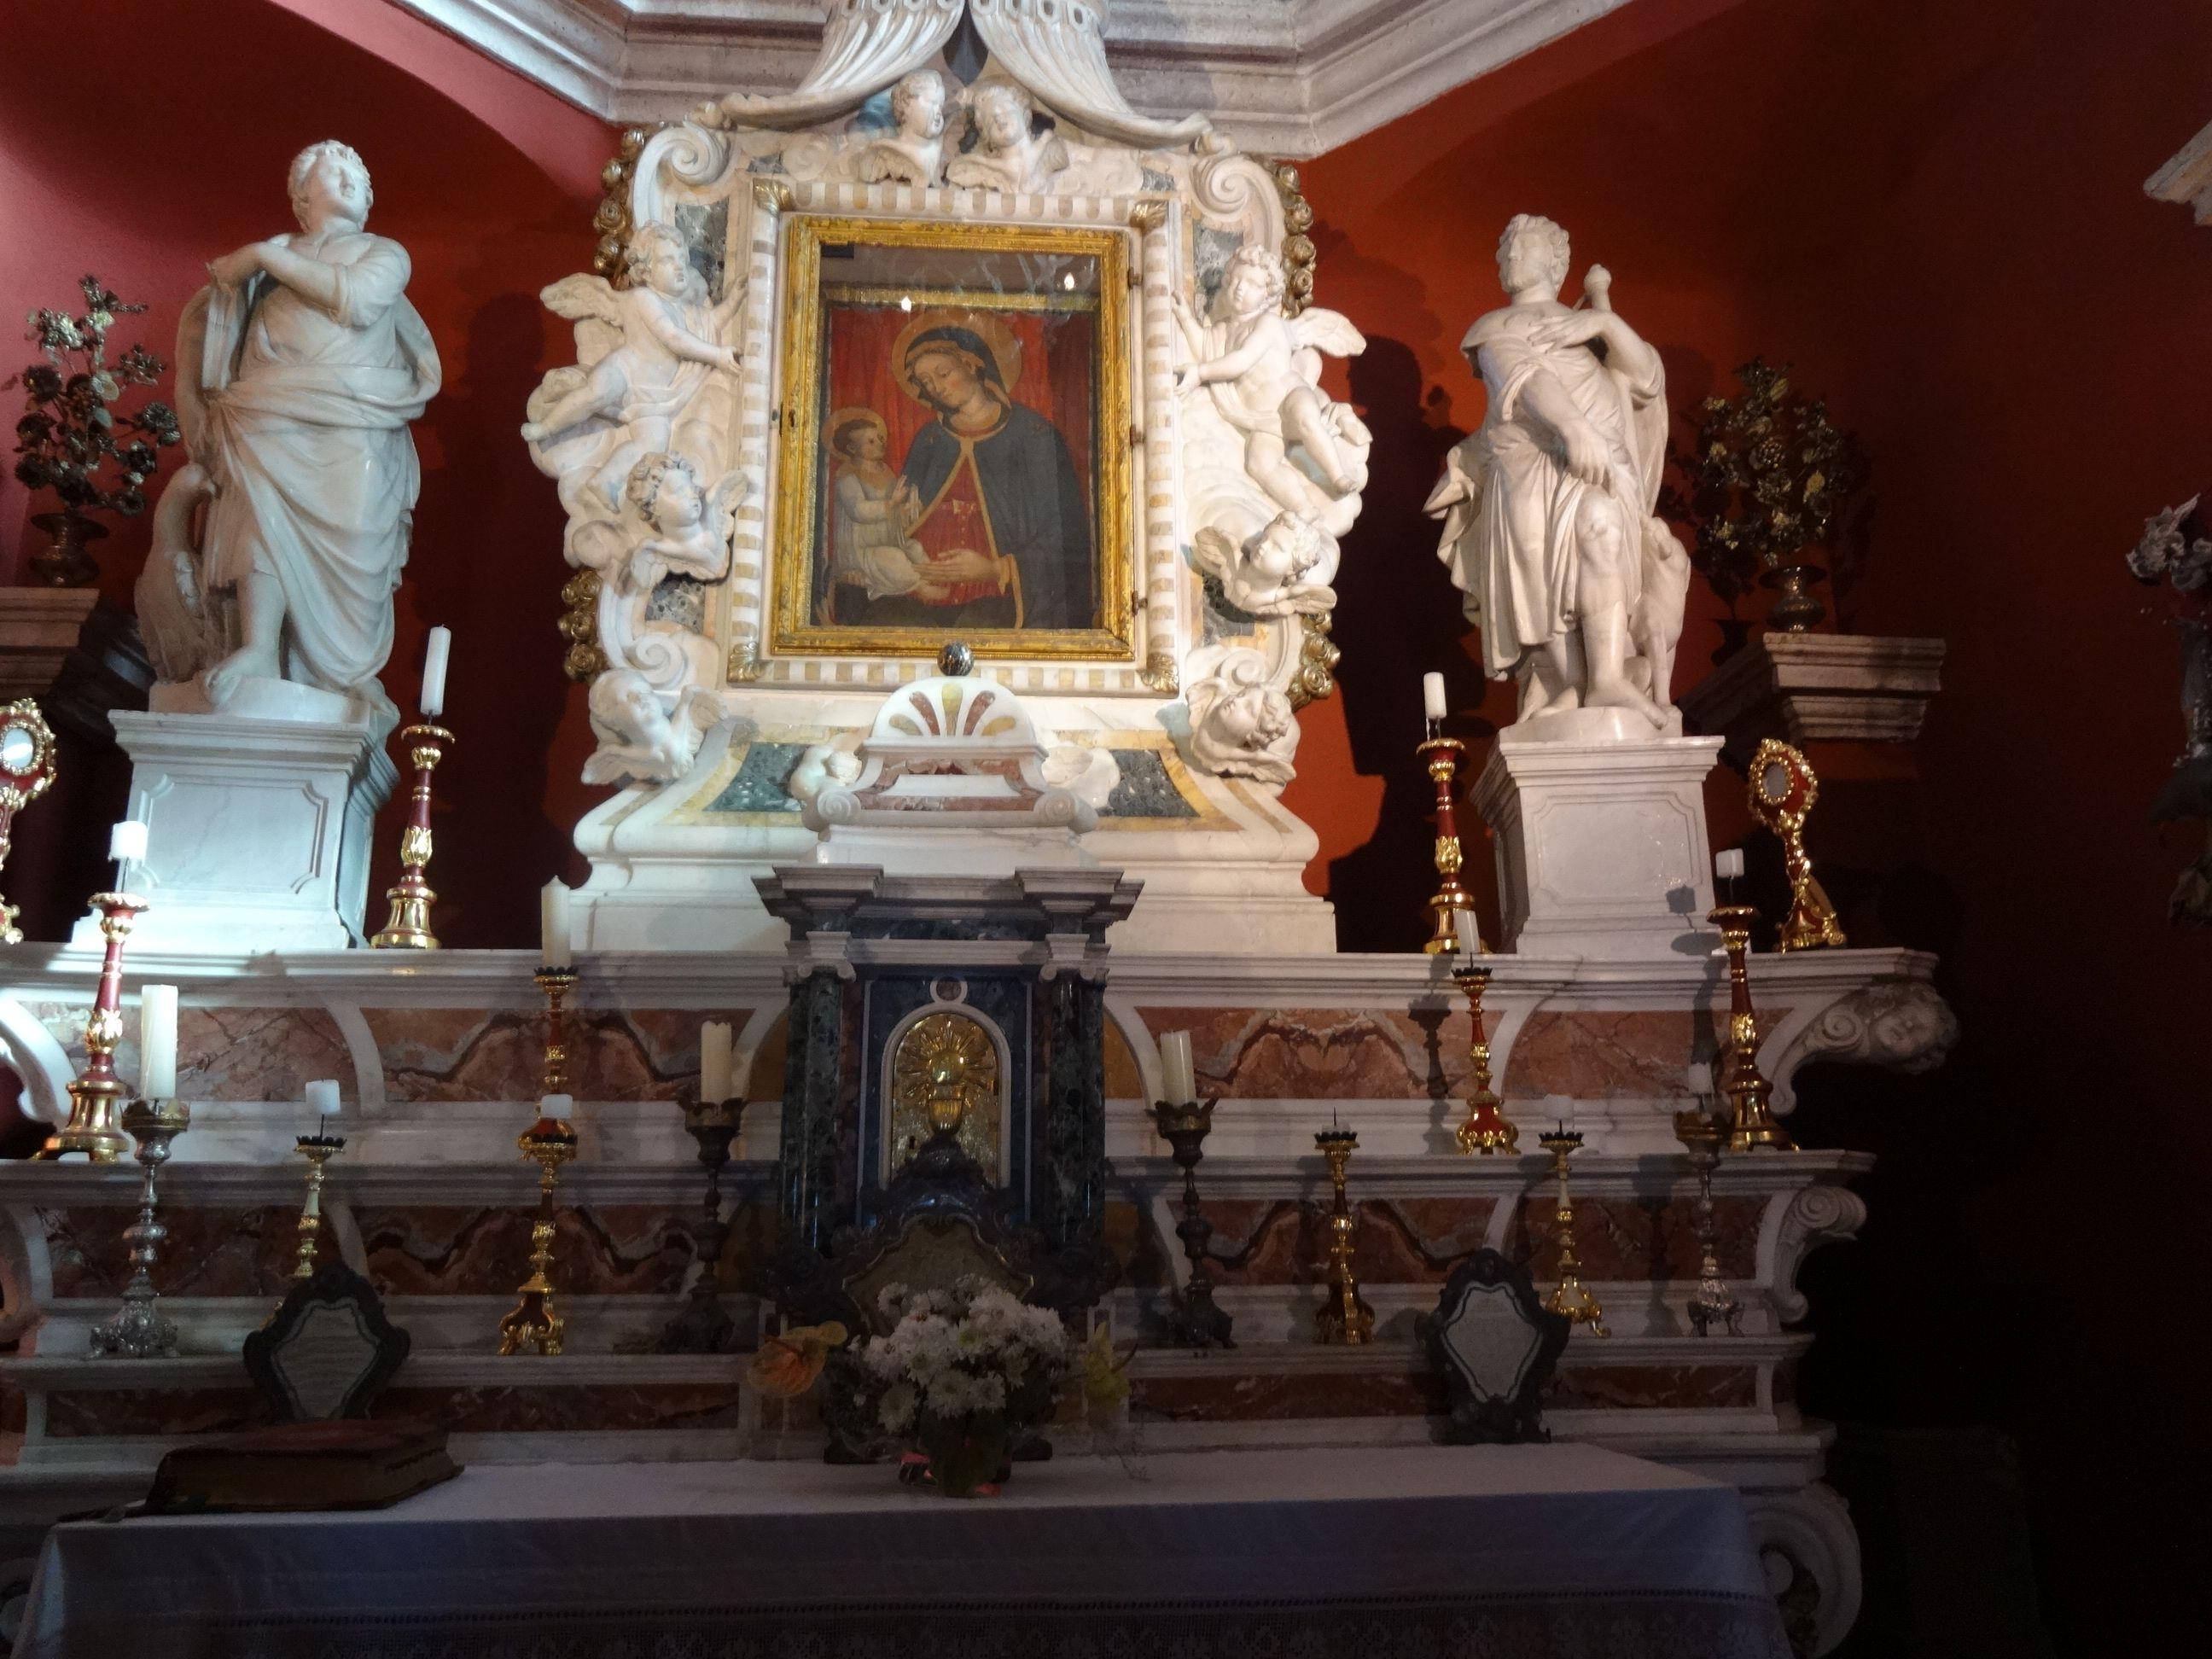 O altar da Igreja Nossa Senhora do penhasco cuja imagem ,segundo contam,foi encontrada por marinheiros em 1630.